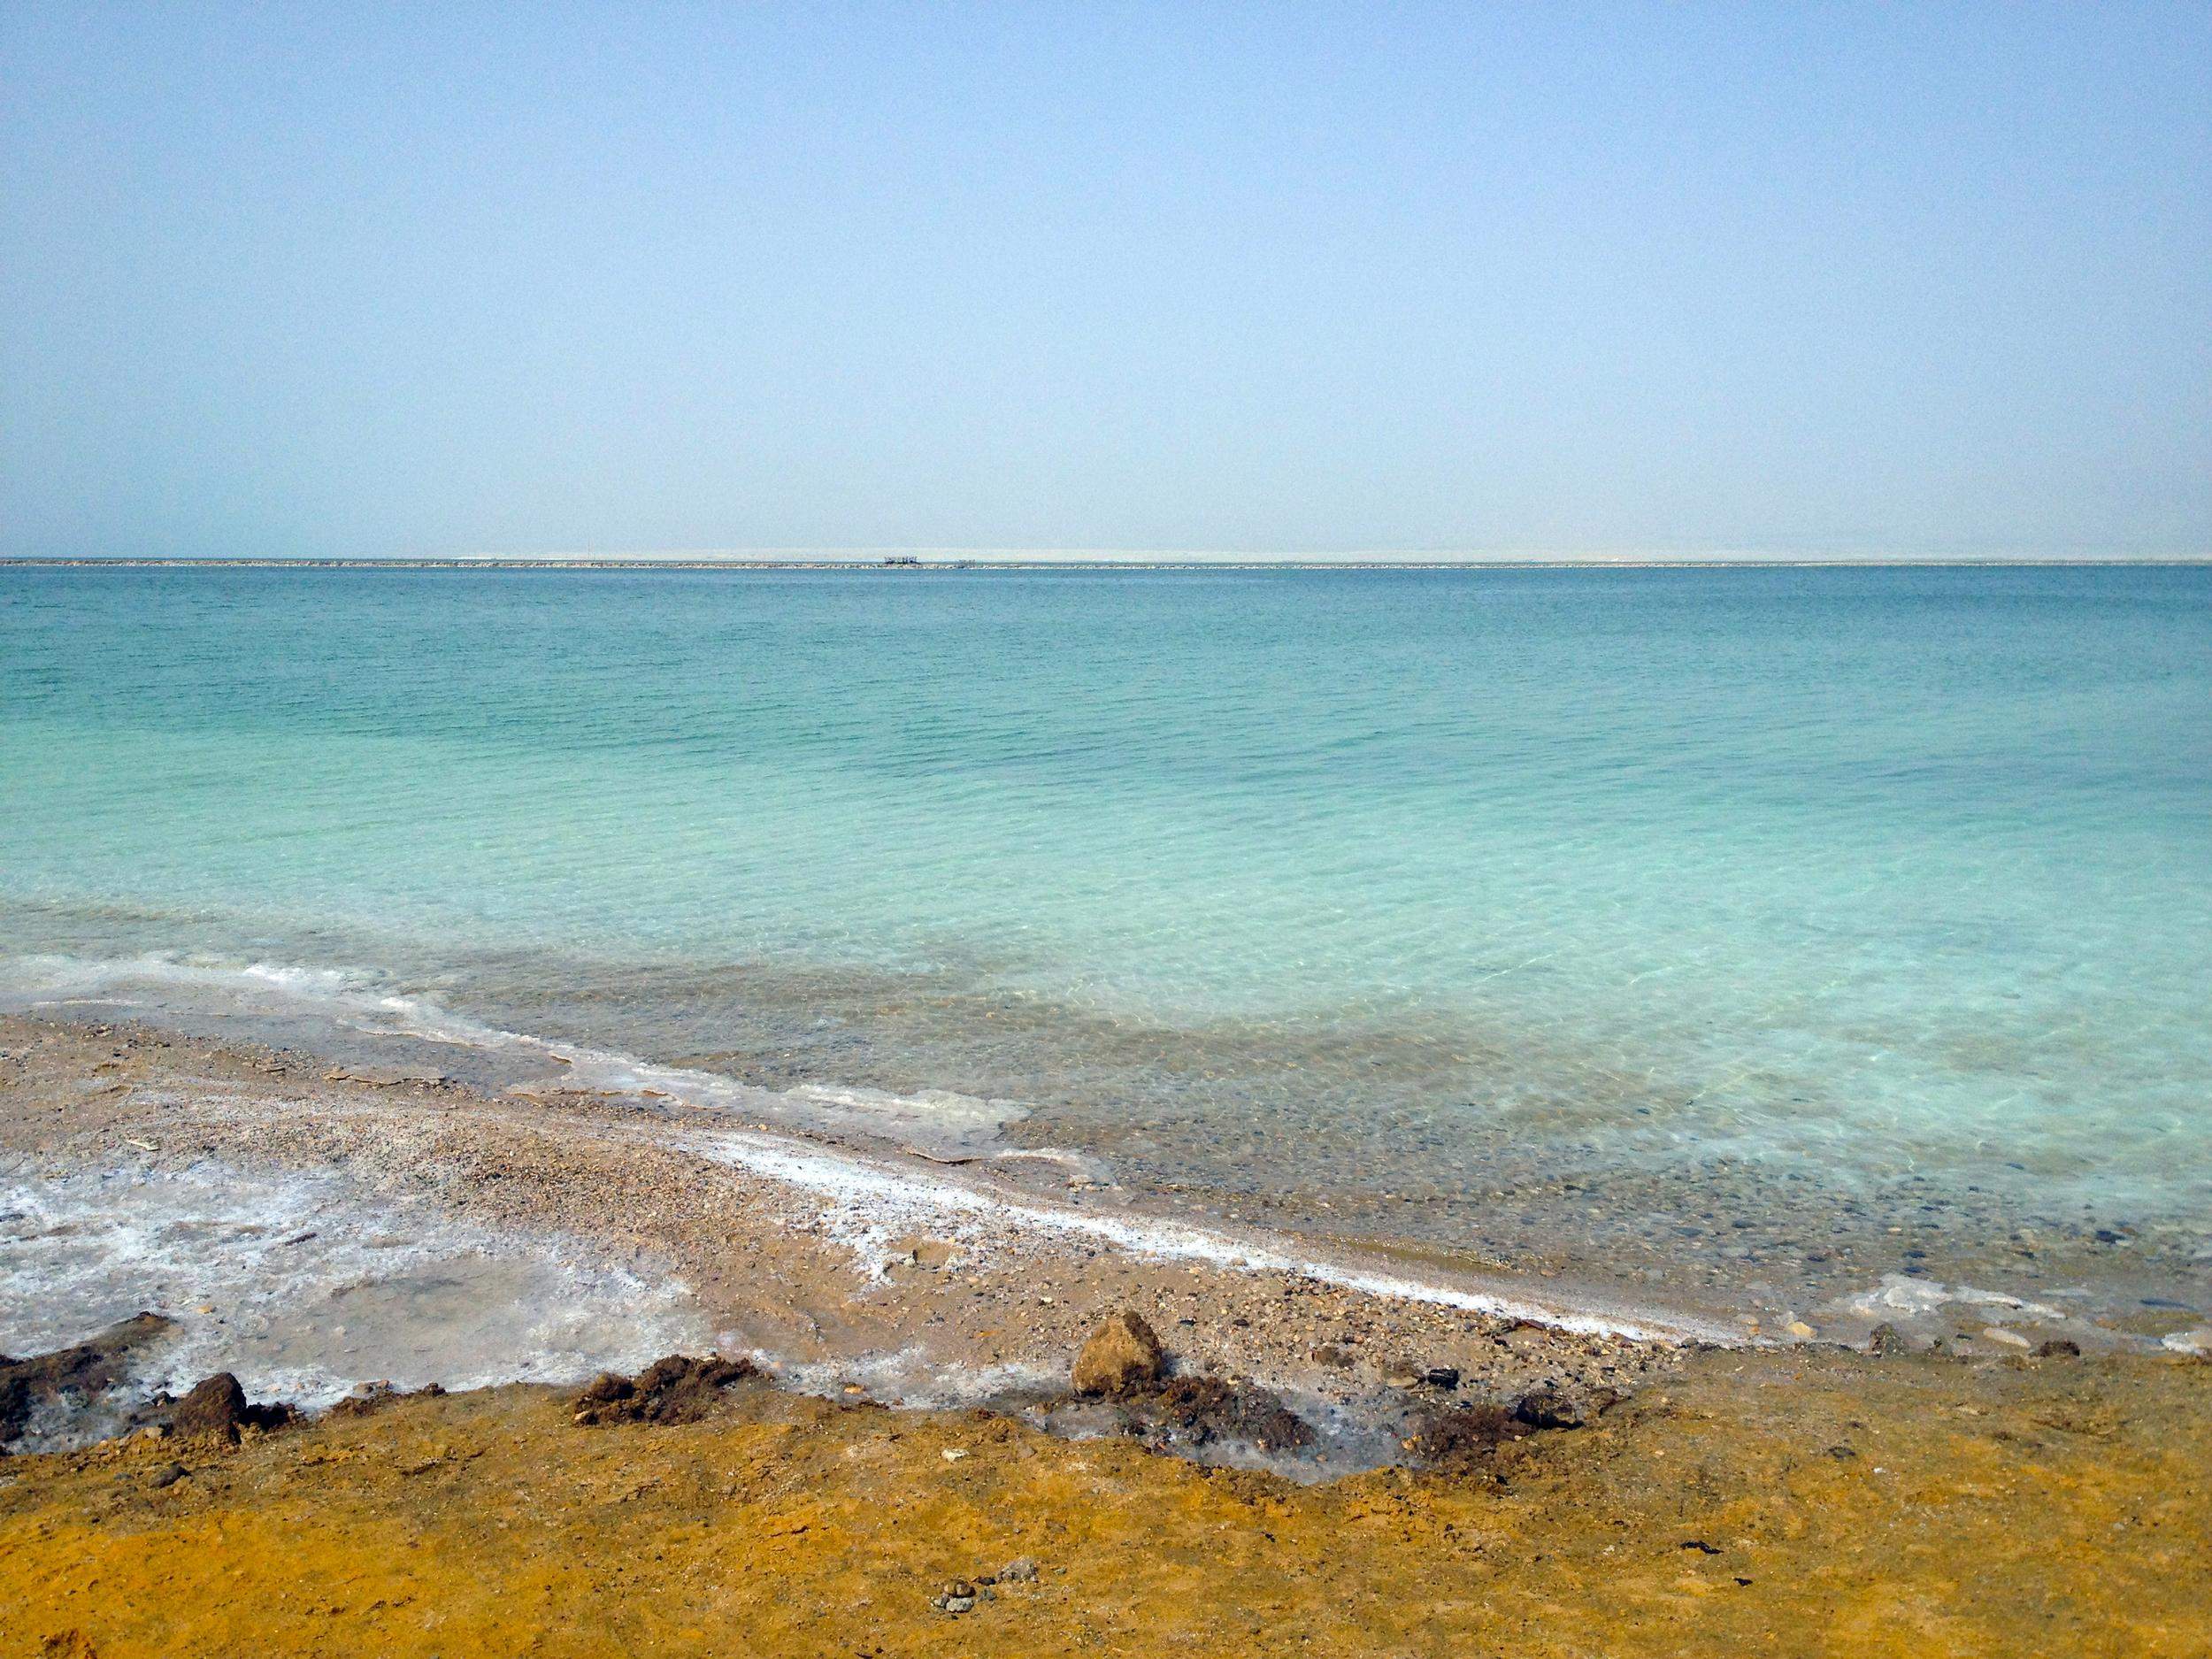 Copy of The Dead Sea